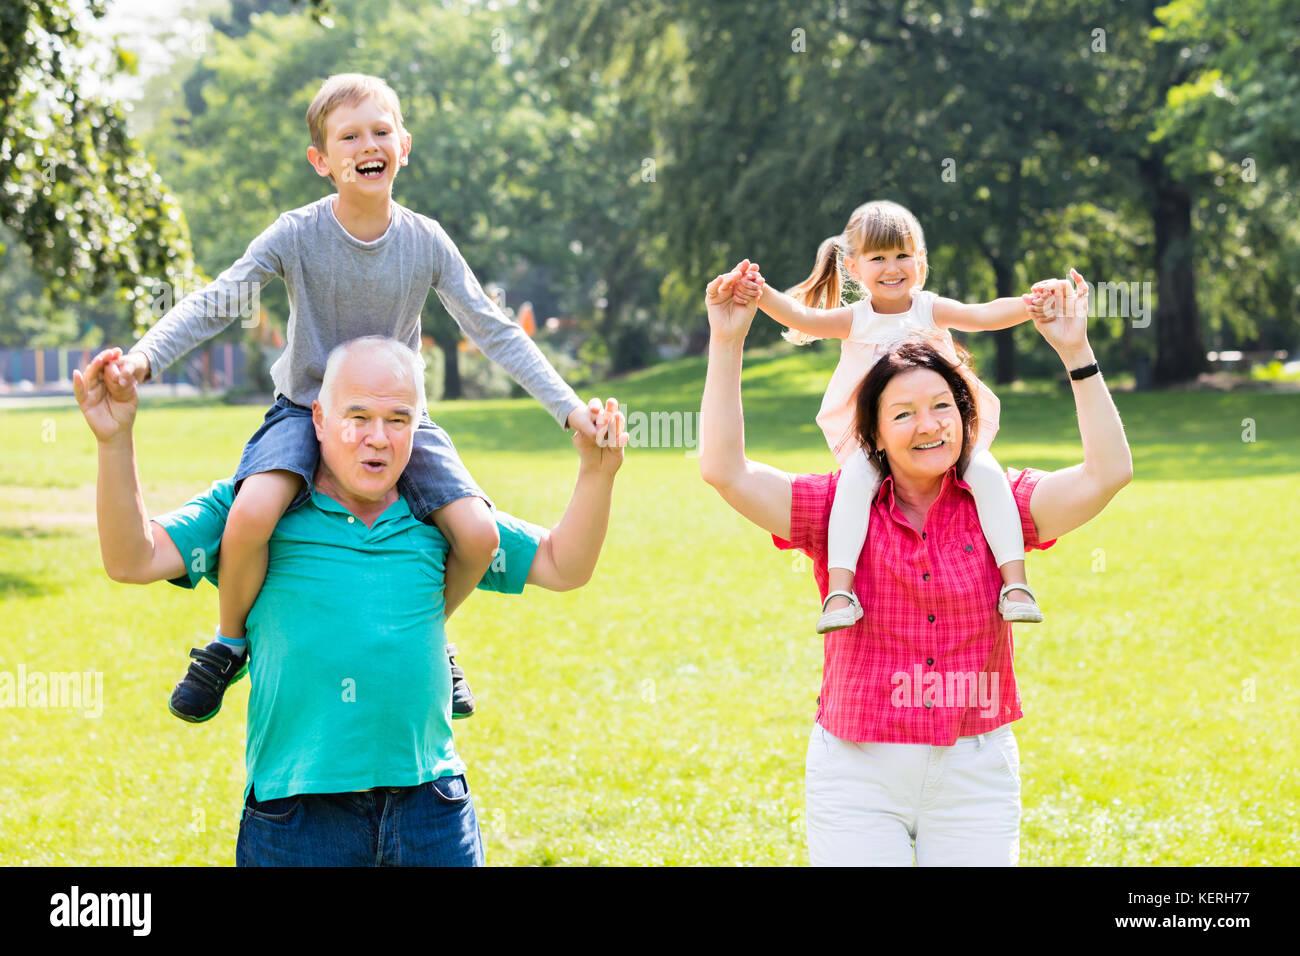 Glückliche Familie Spaß mit Kinder piggyback Ride in Park Stockfoto